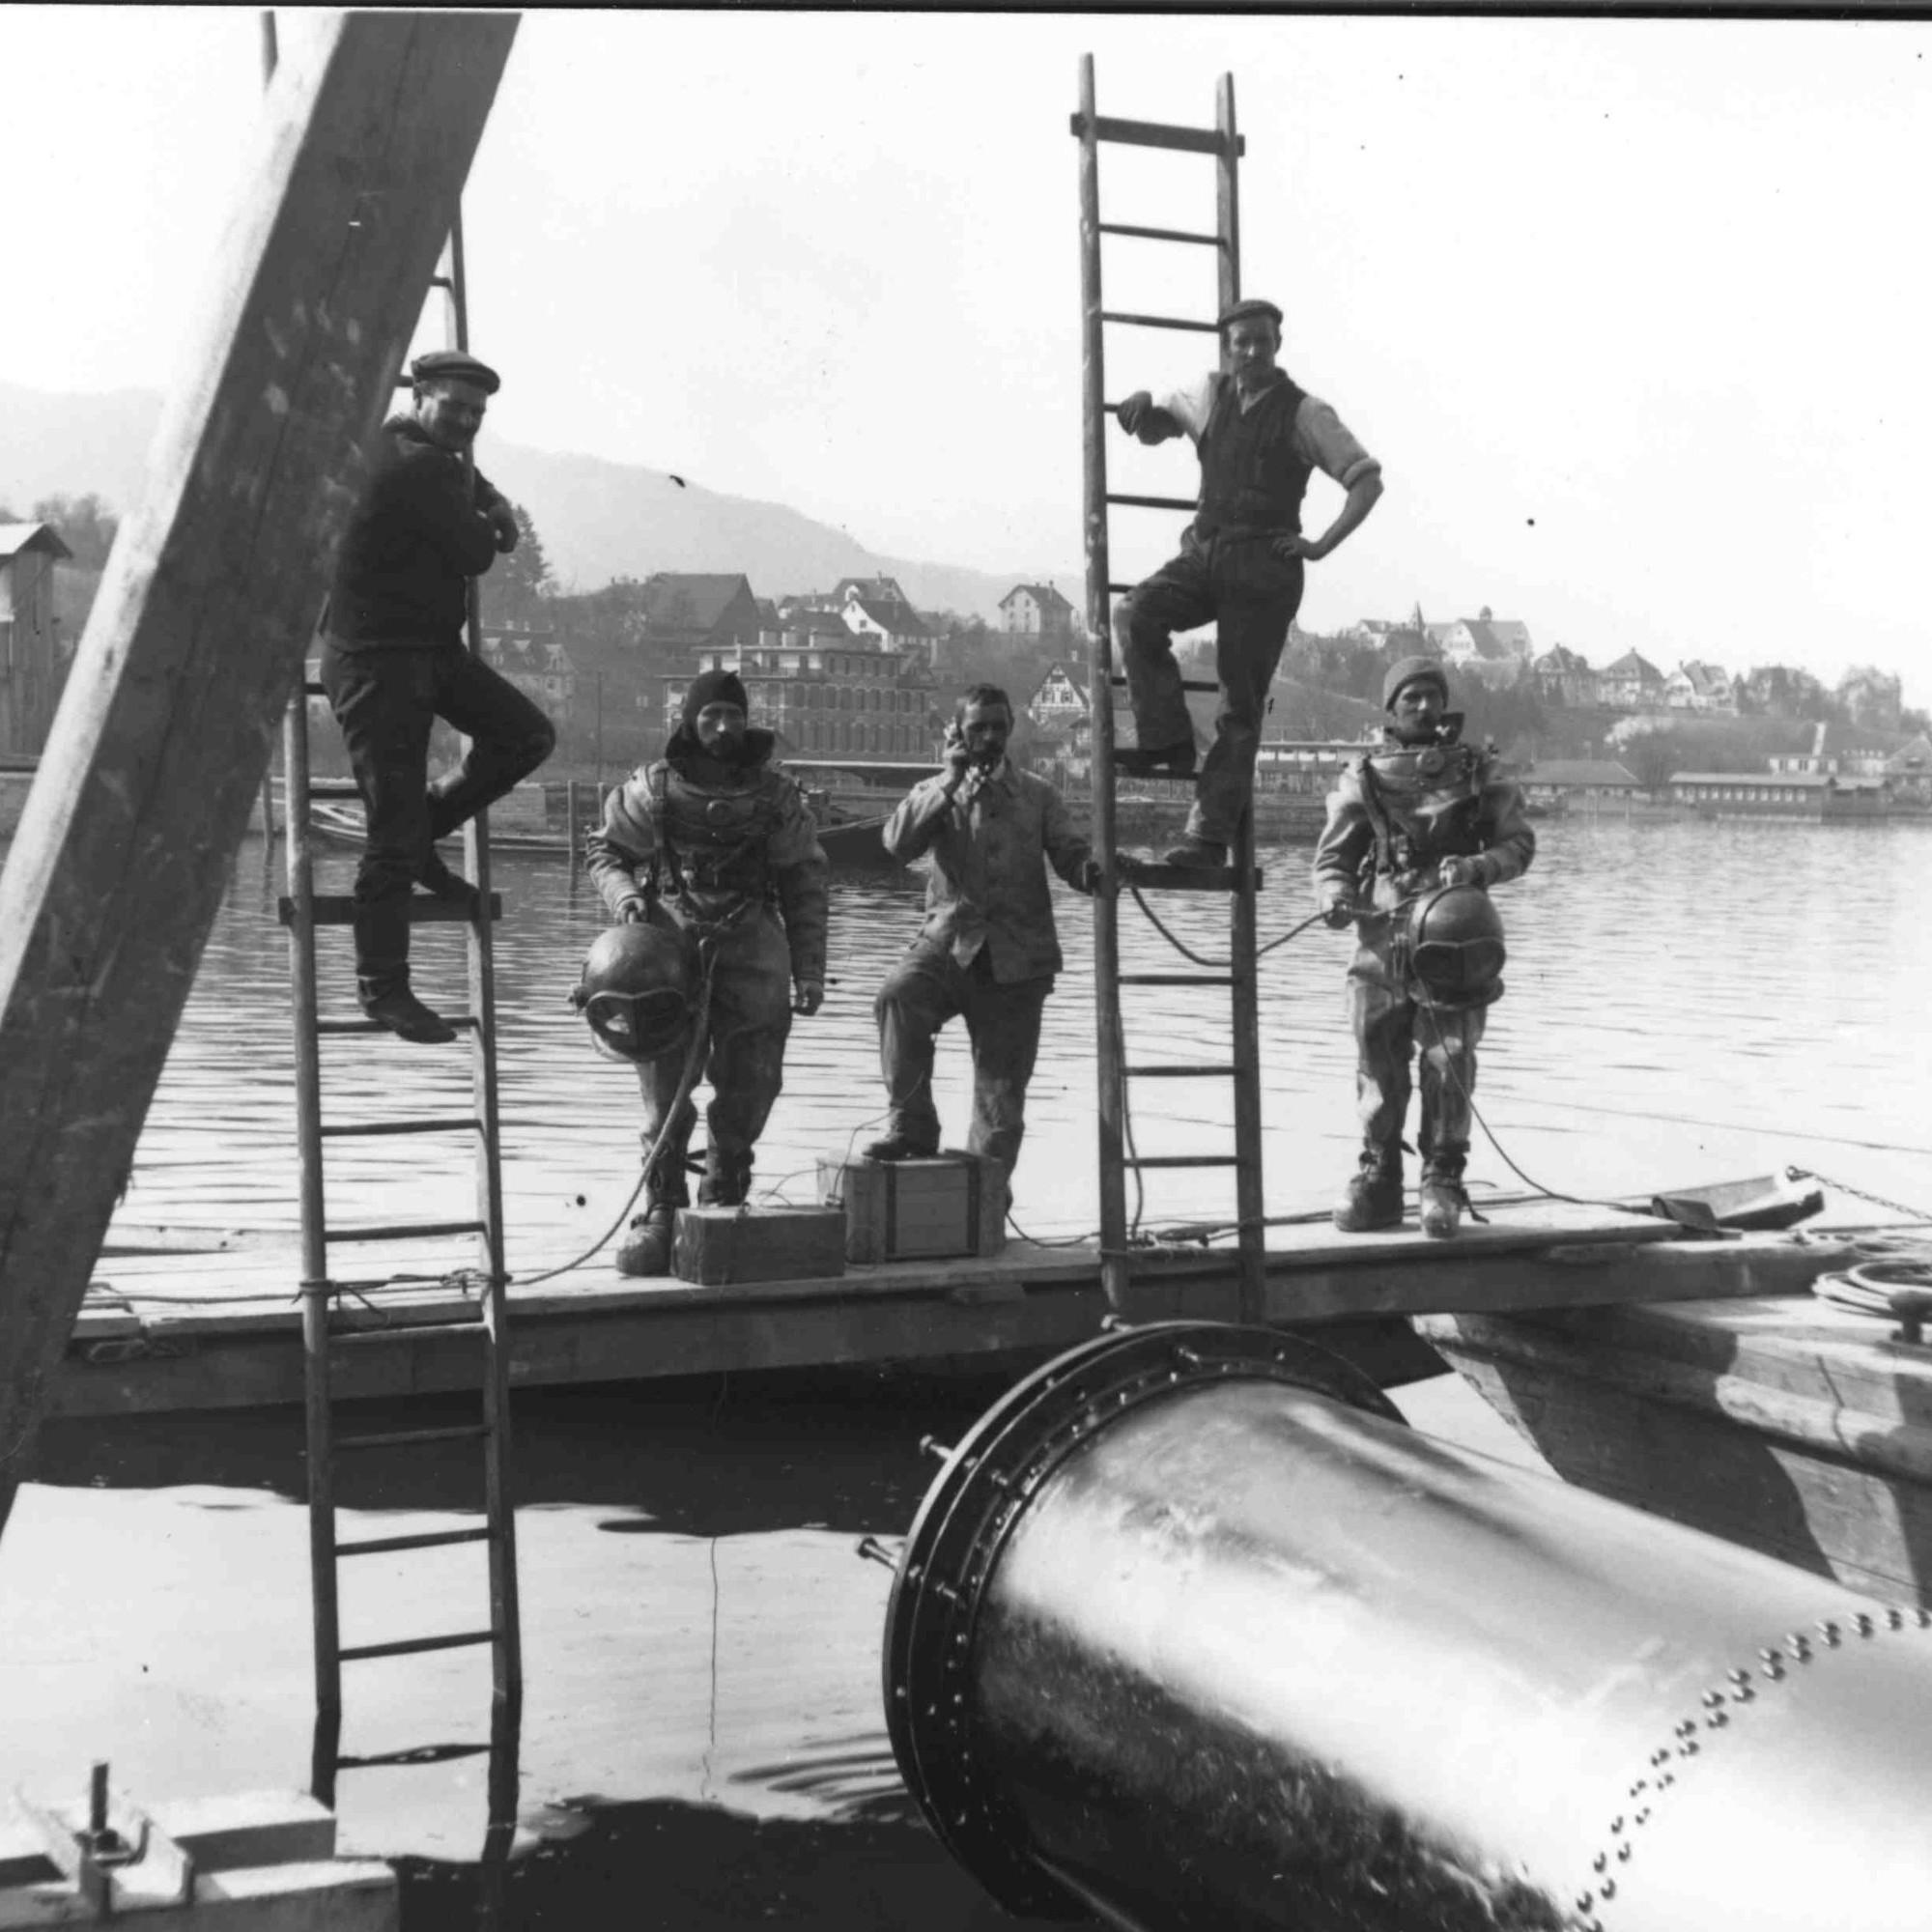 Taucher am Zürichsee, 1913